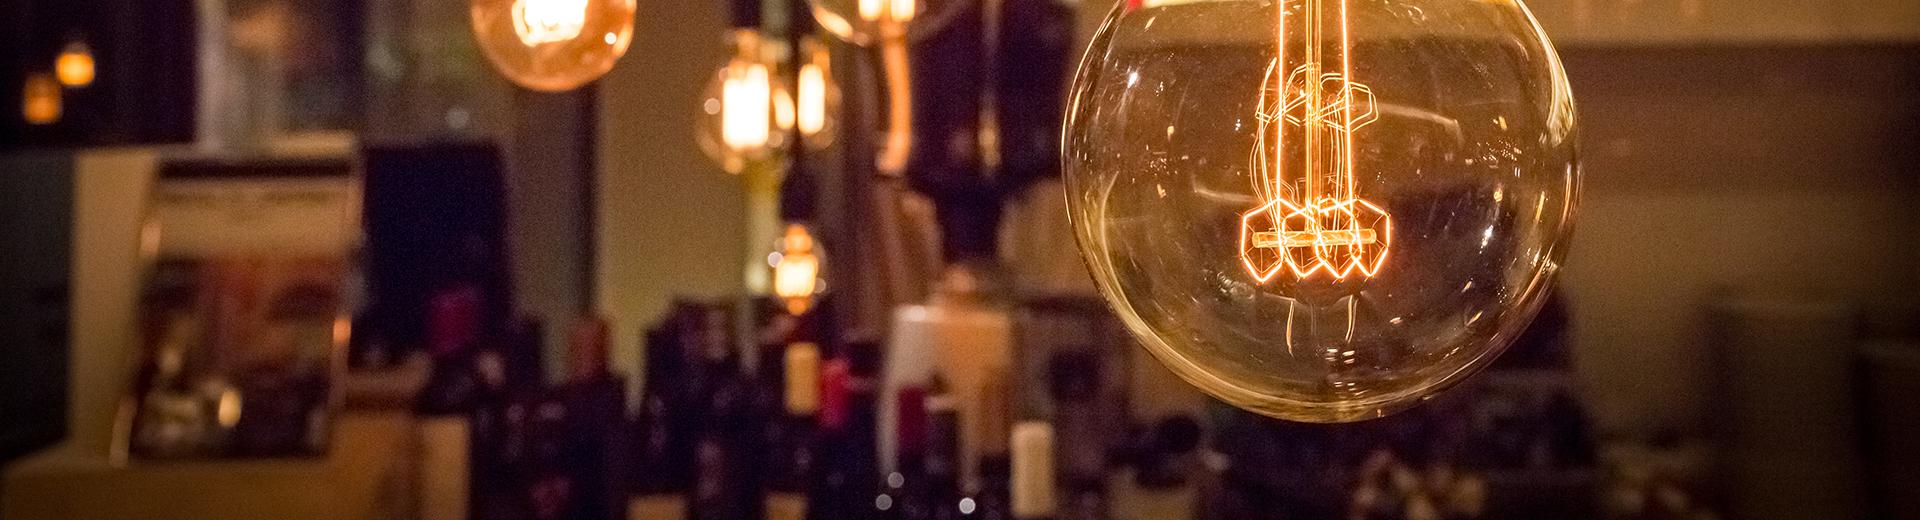 Pub Wine Supplier